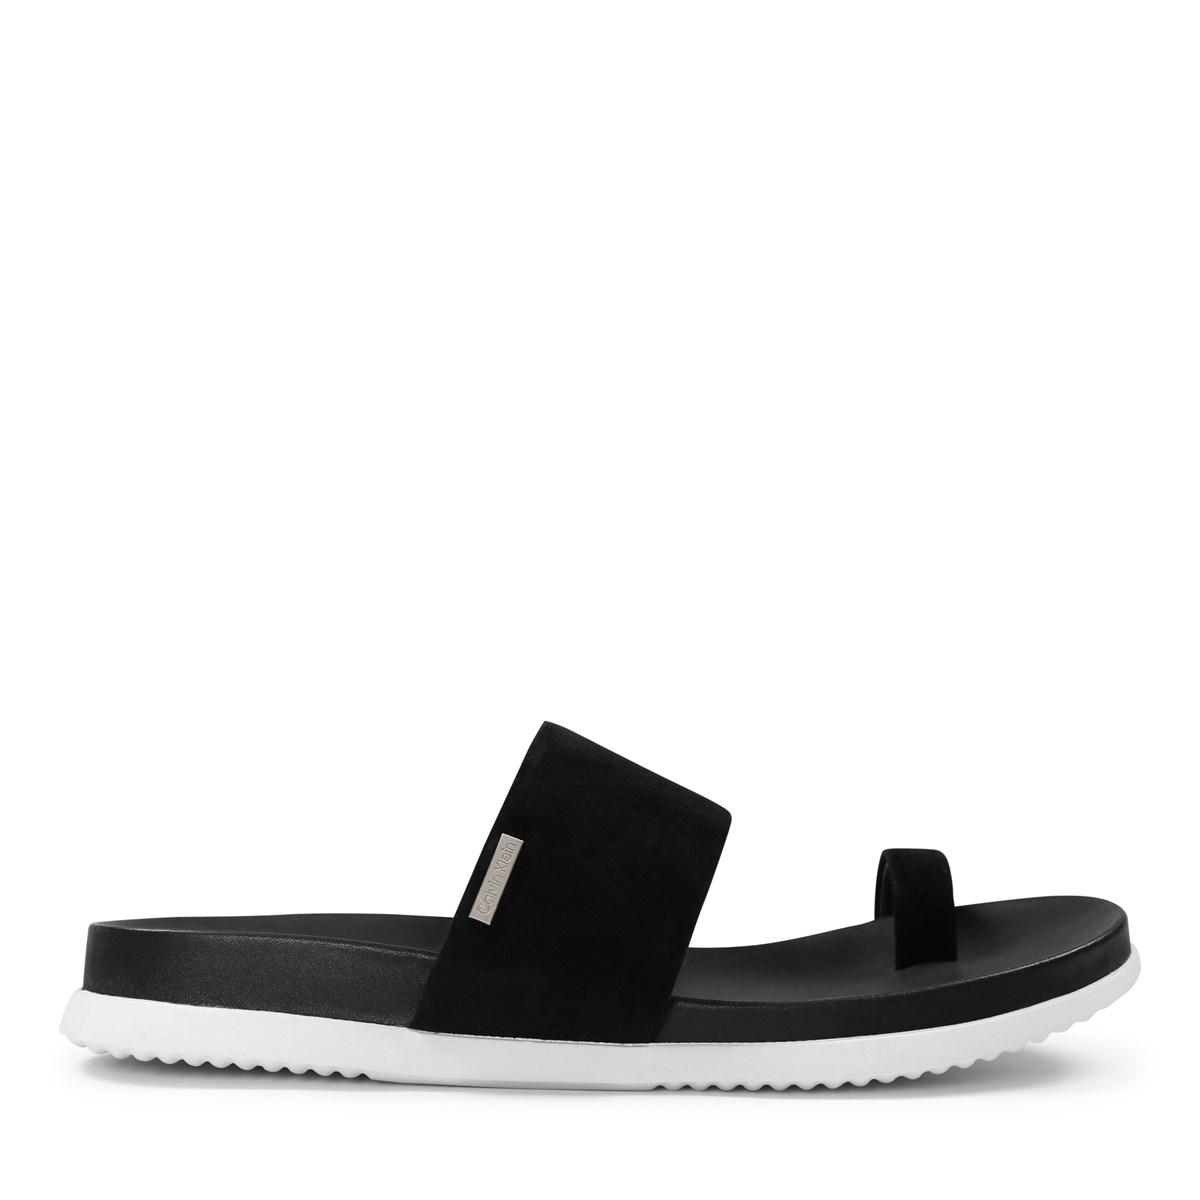 Women's Danava Black Slide Sandal